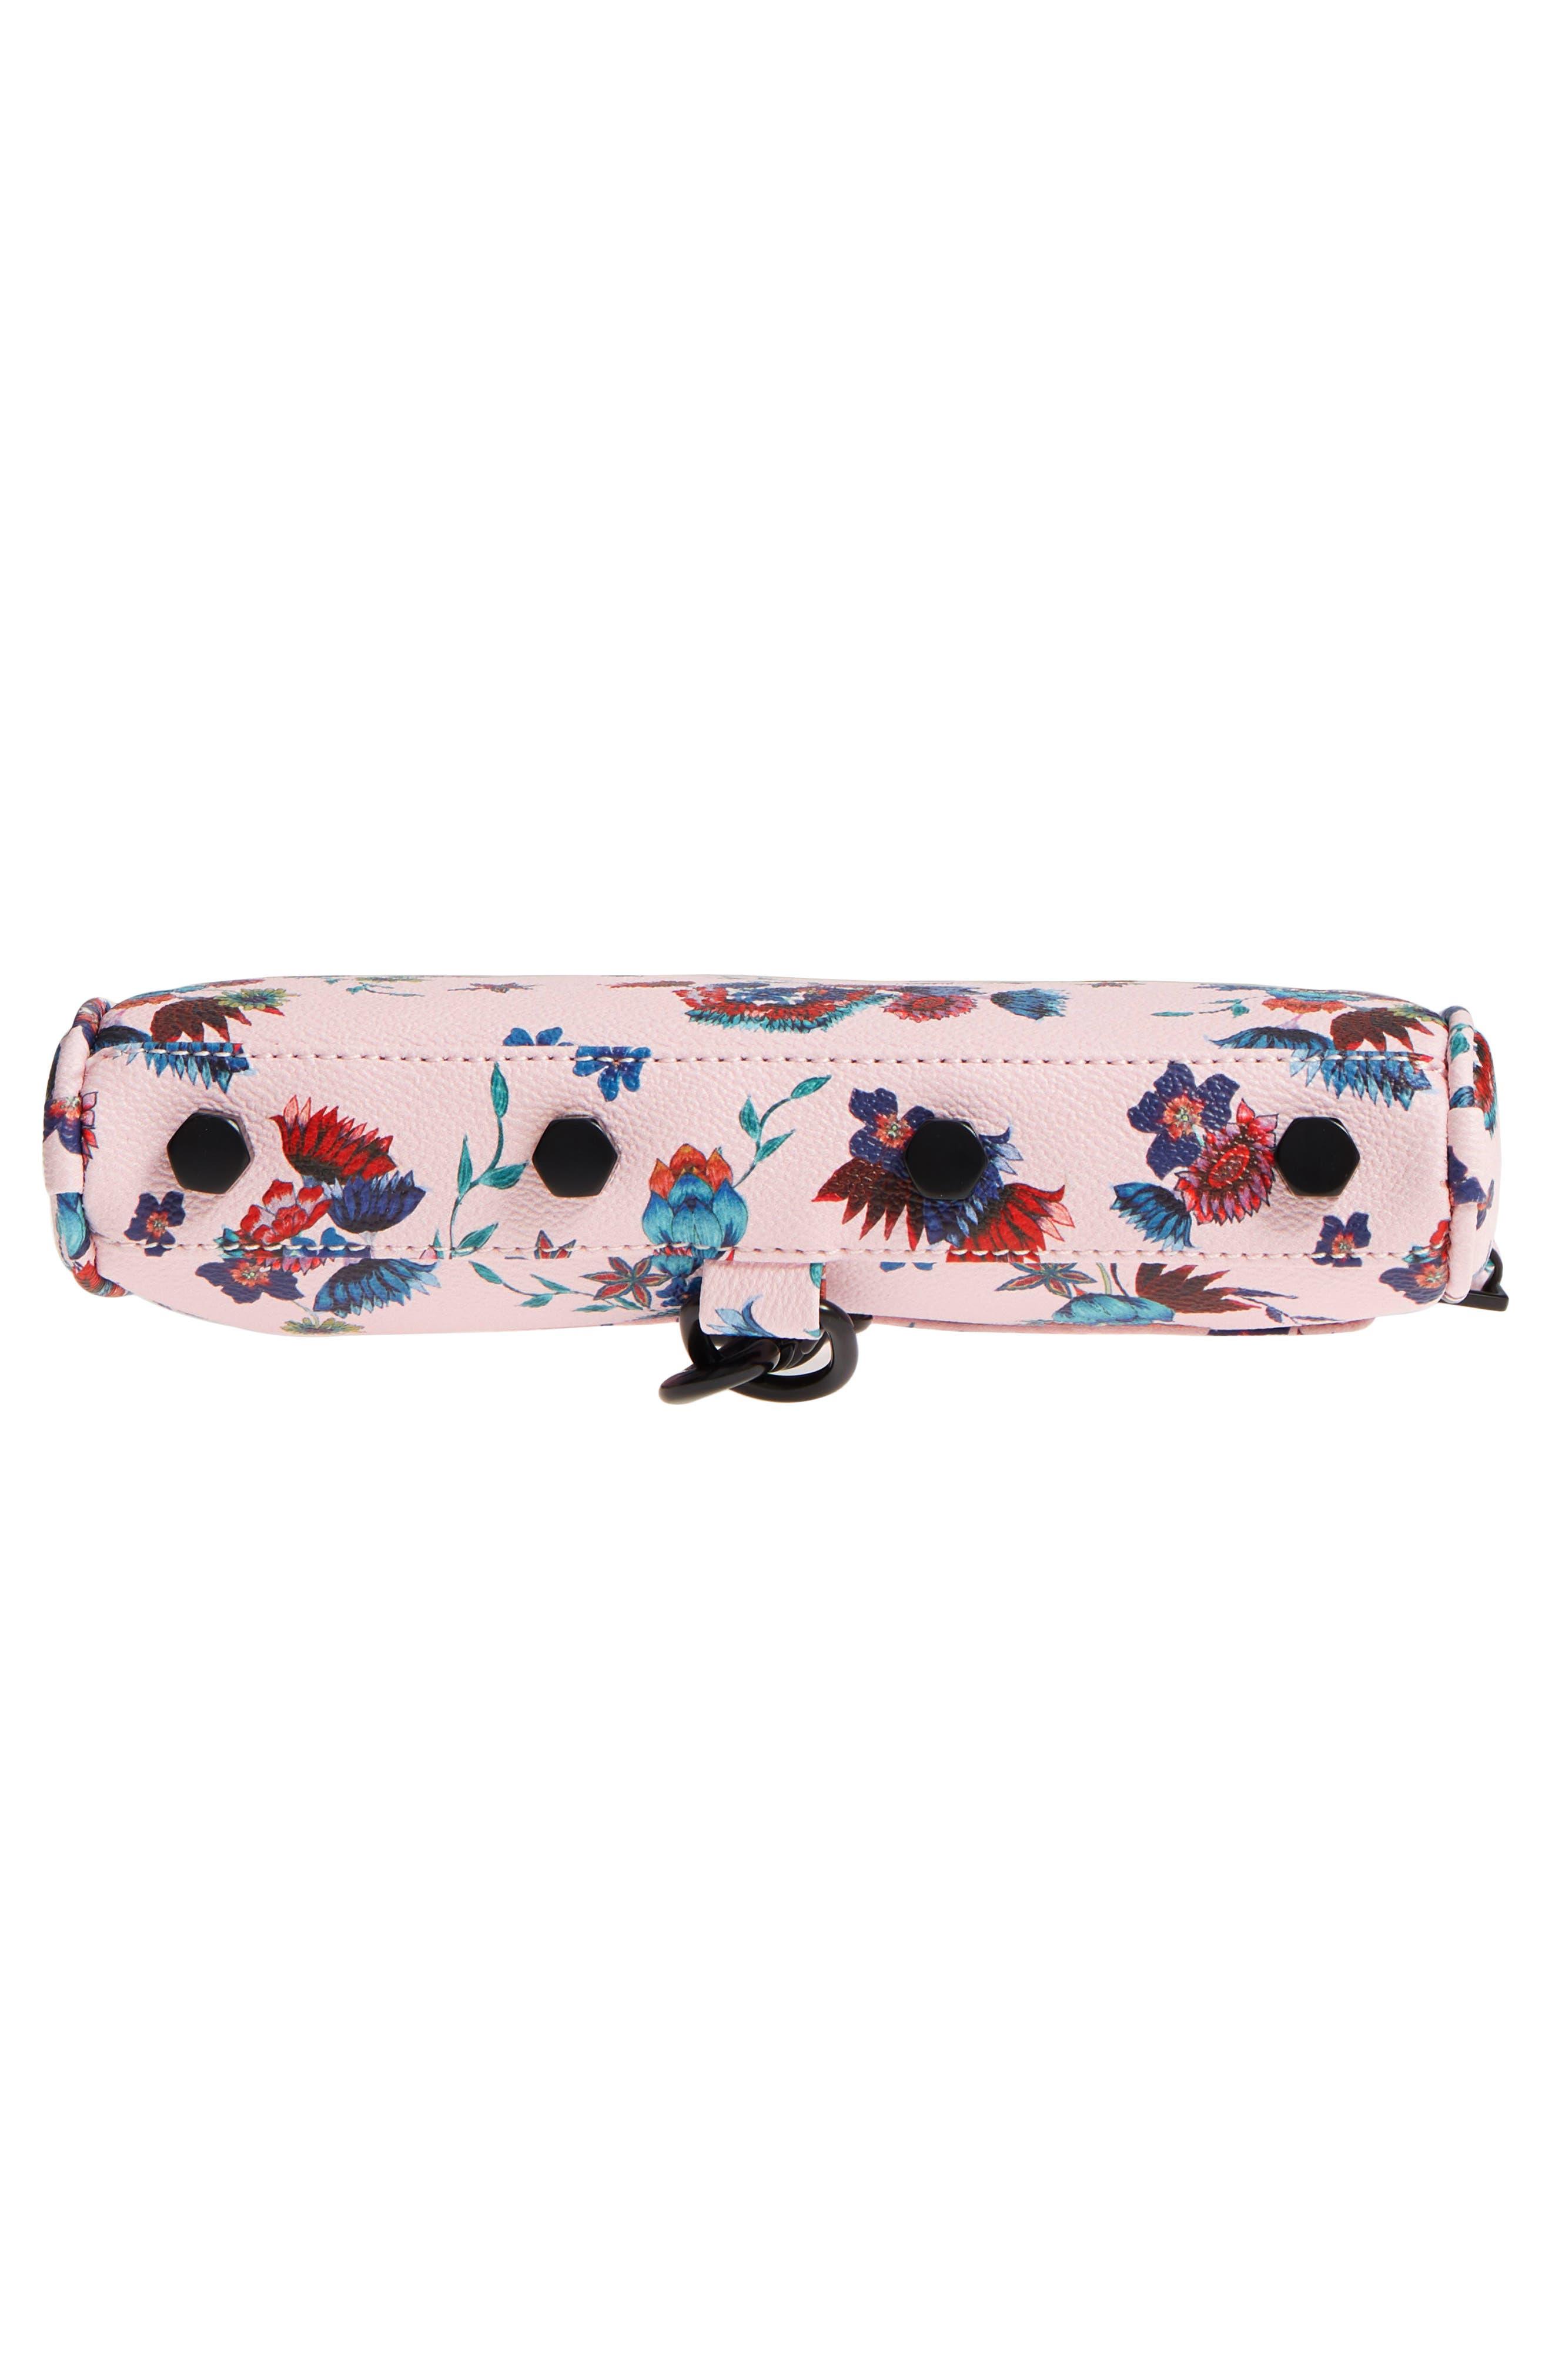 Mini MAC Convertible Crossbody Bag,                             Alternate thumbnail 12, color,